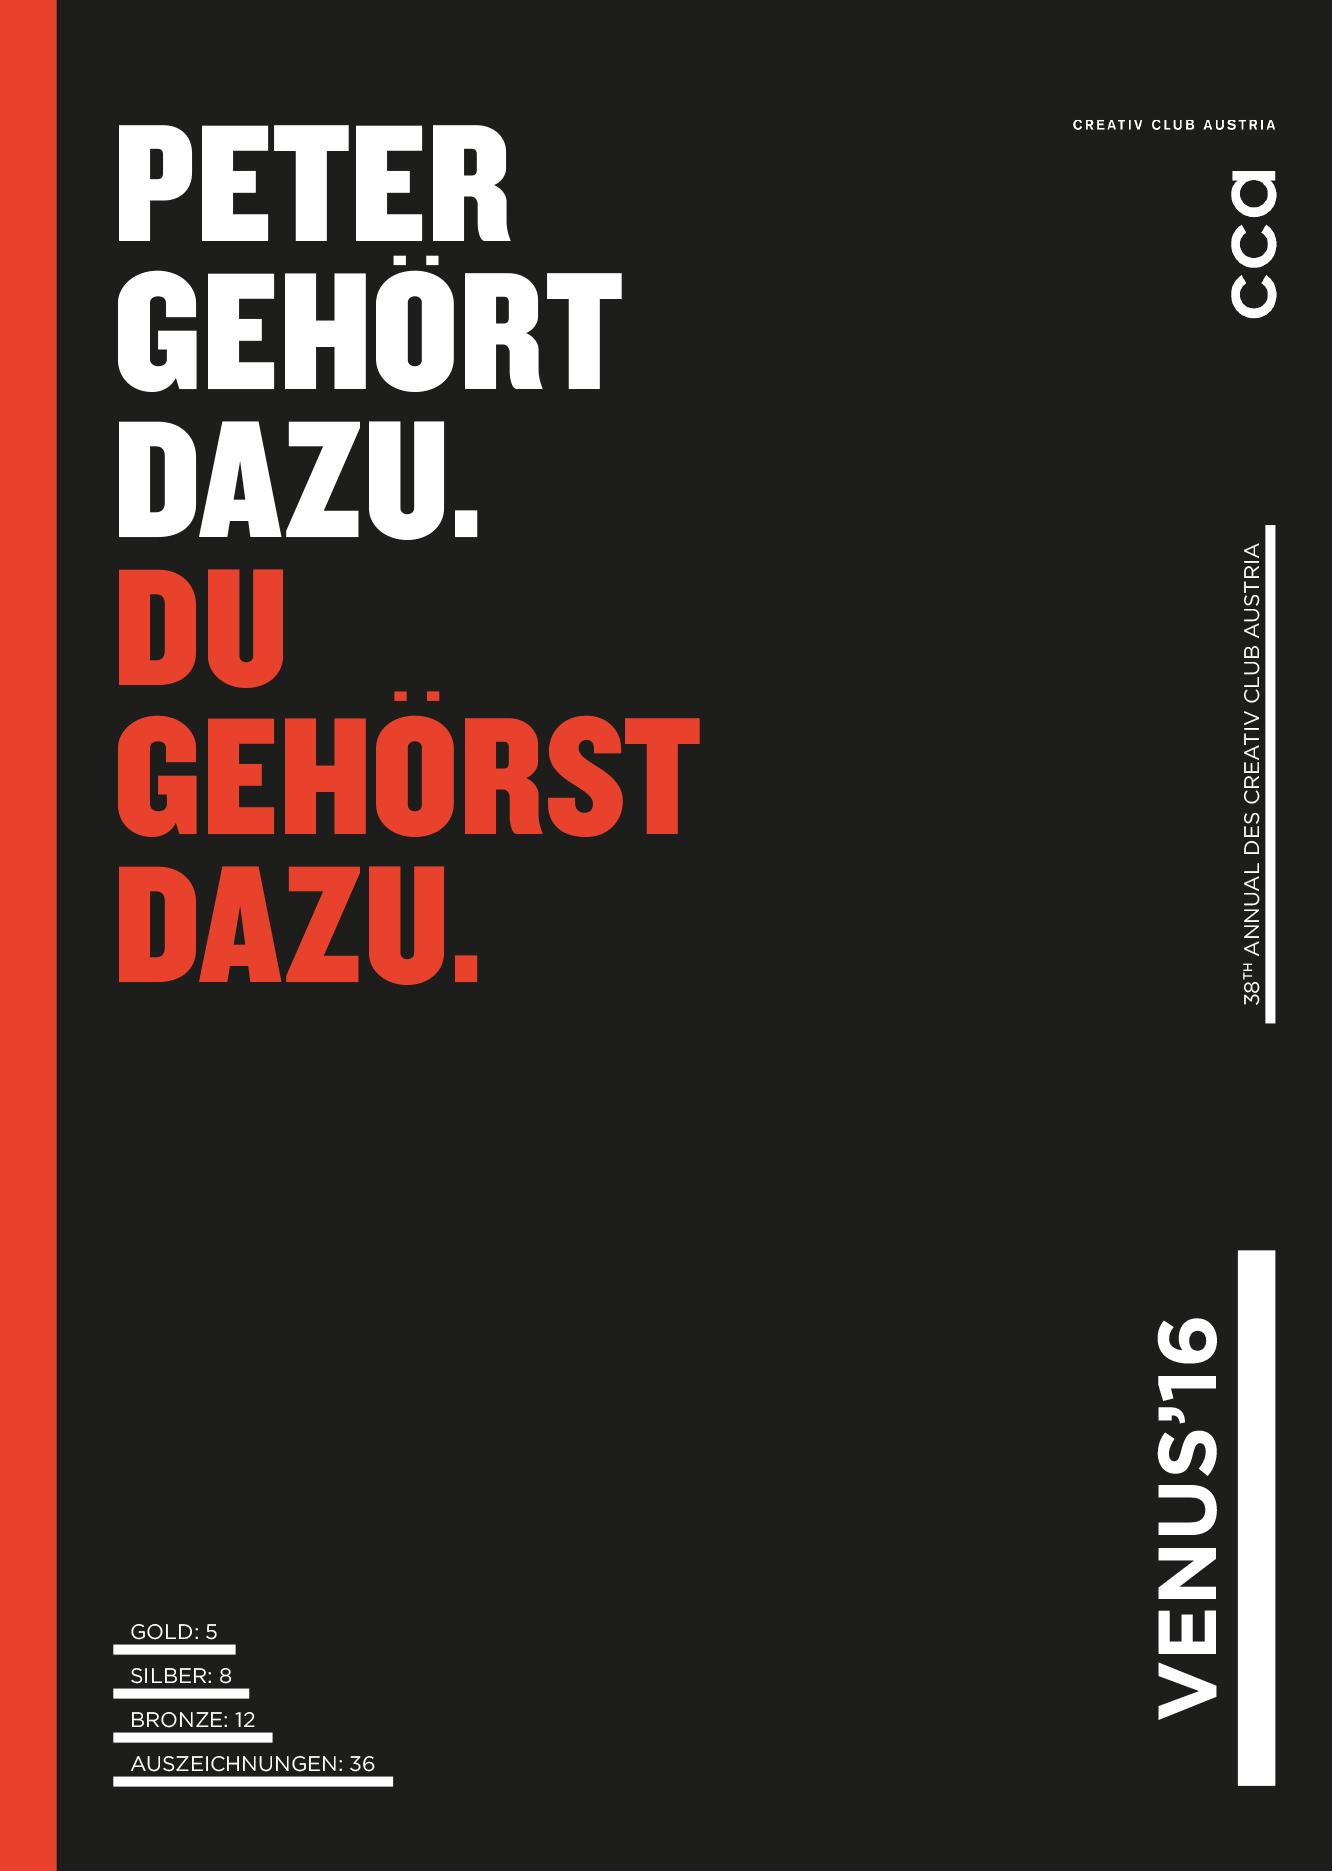 Creativ Club Austria-Annual 16